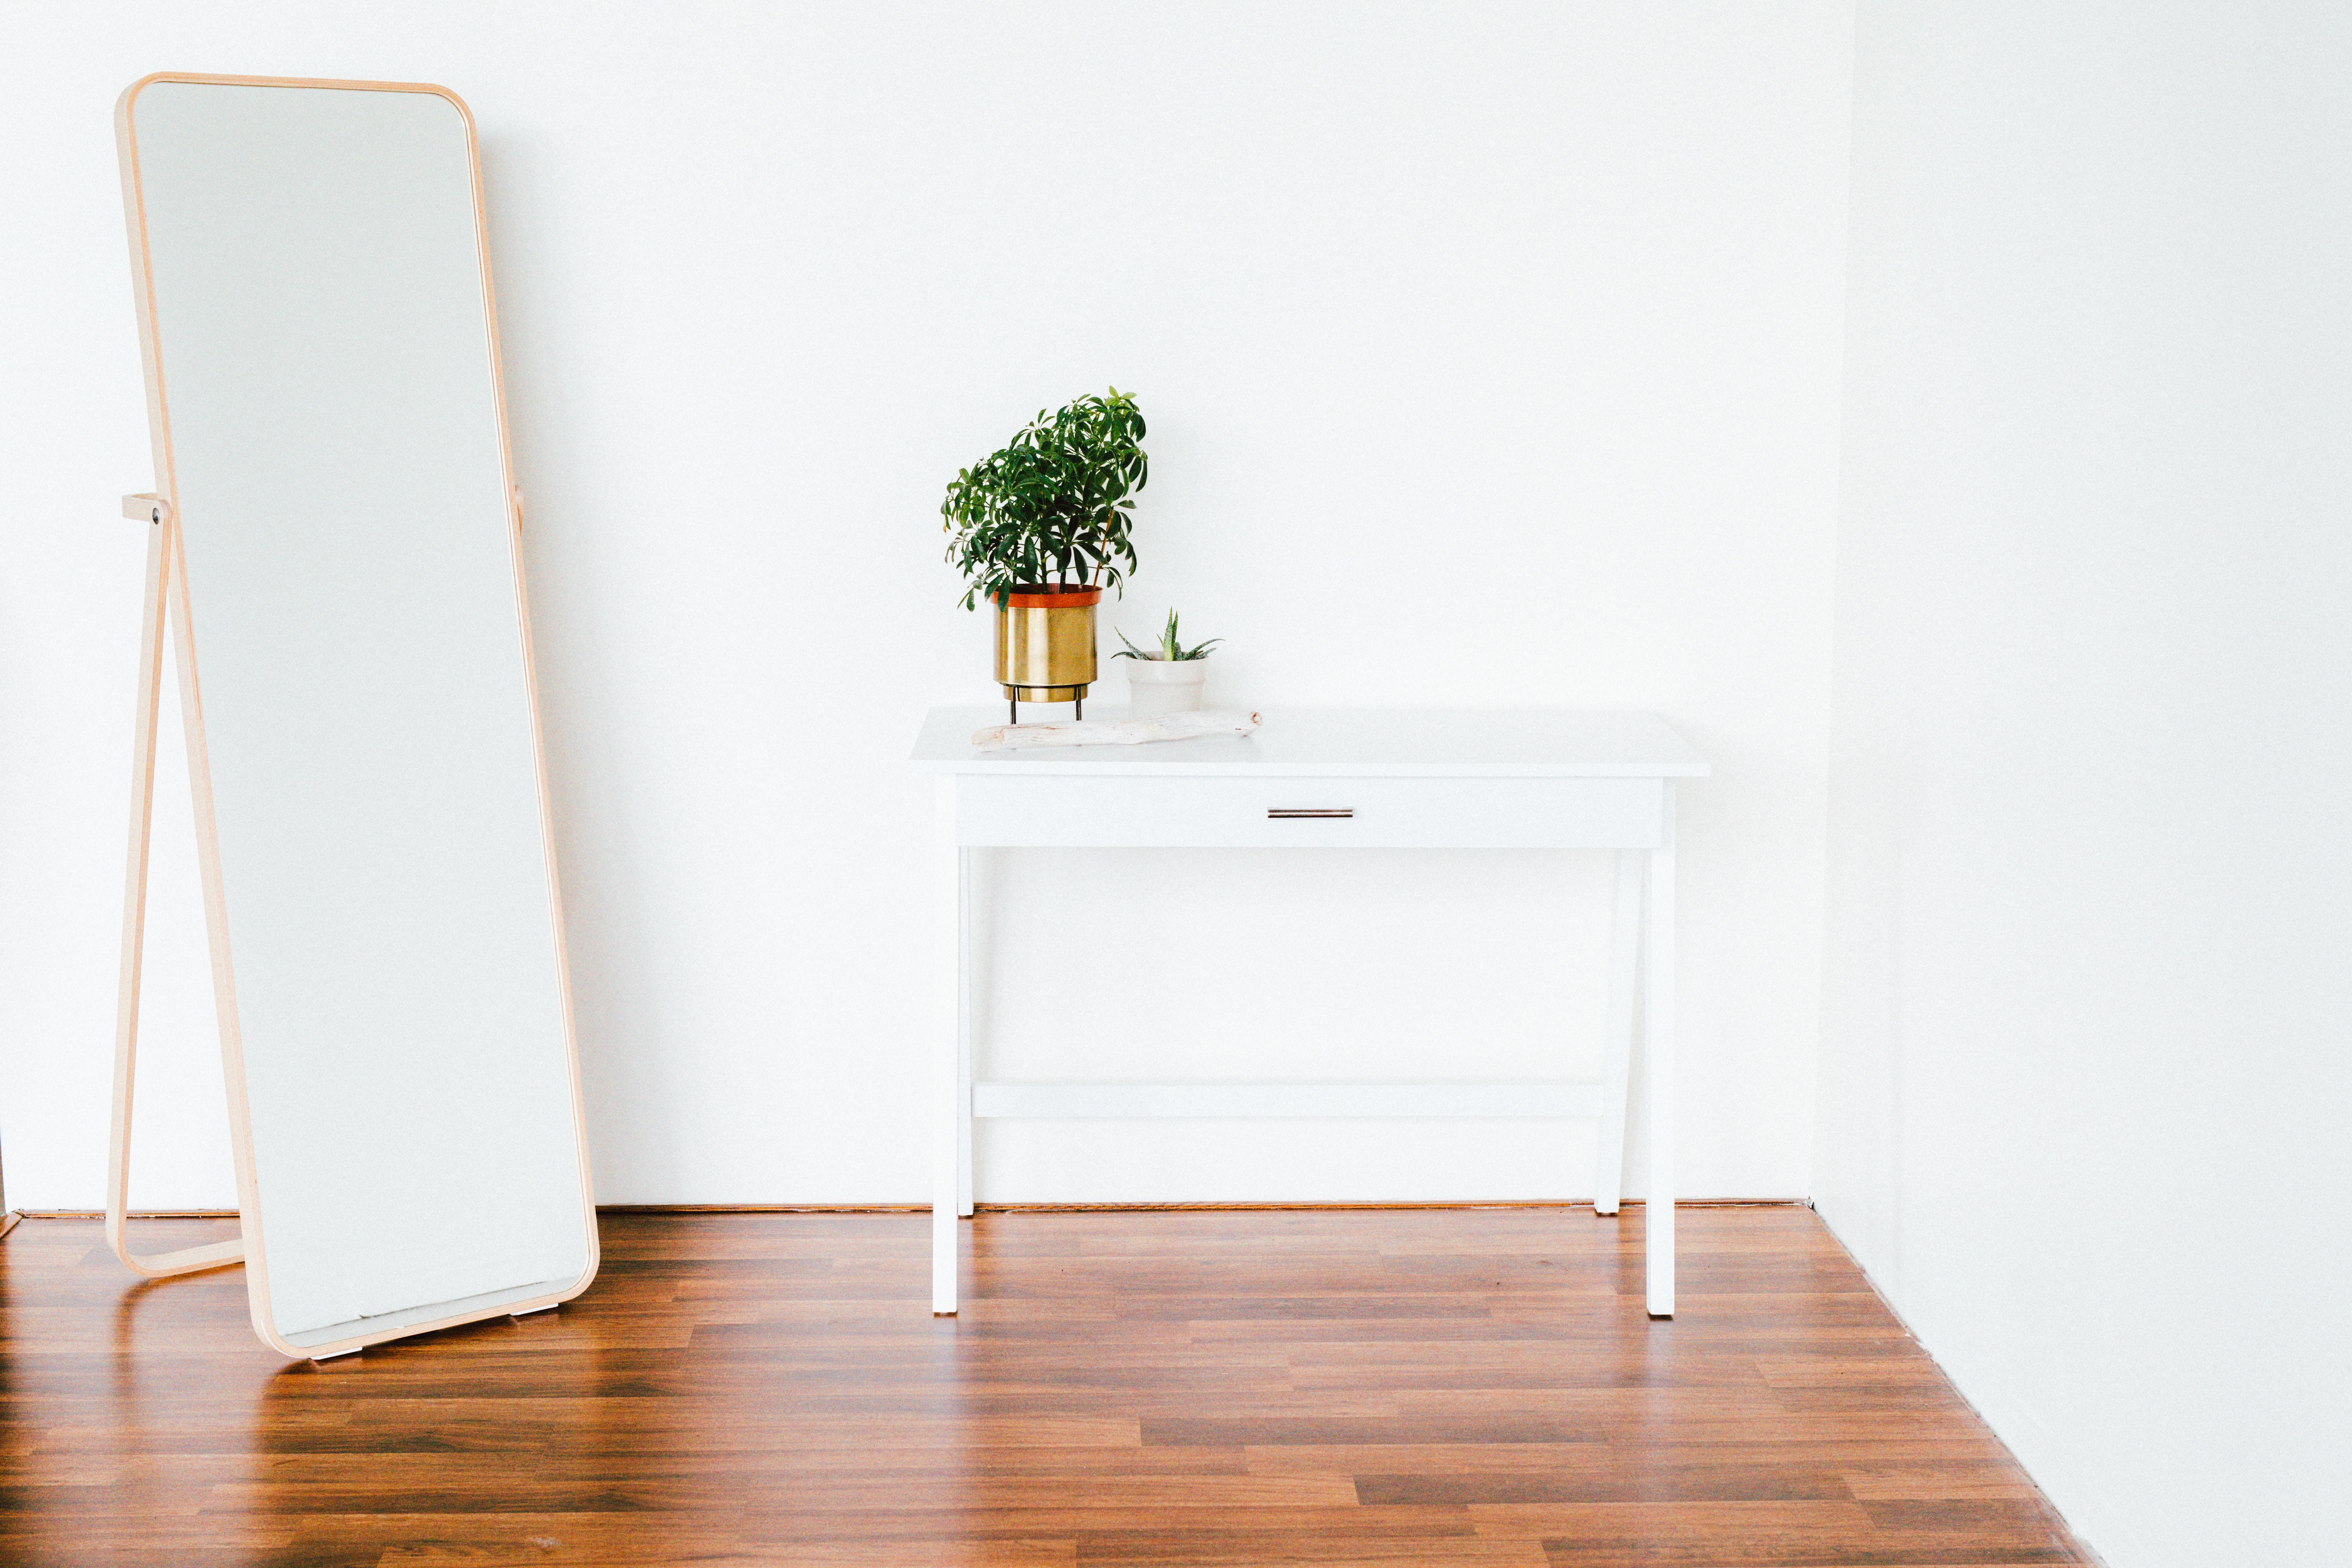 Julia Goldberg - Agentur für Ordnung - Bild von einem weißen Tisch und Spiegel